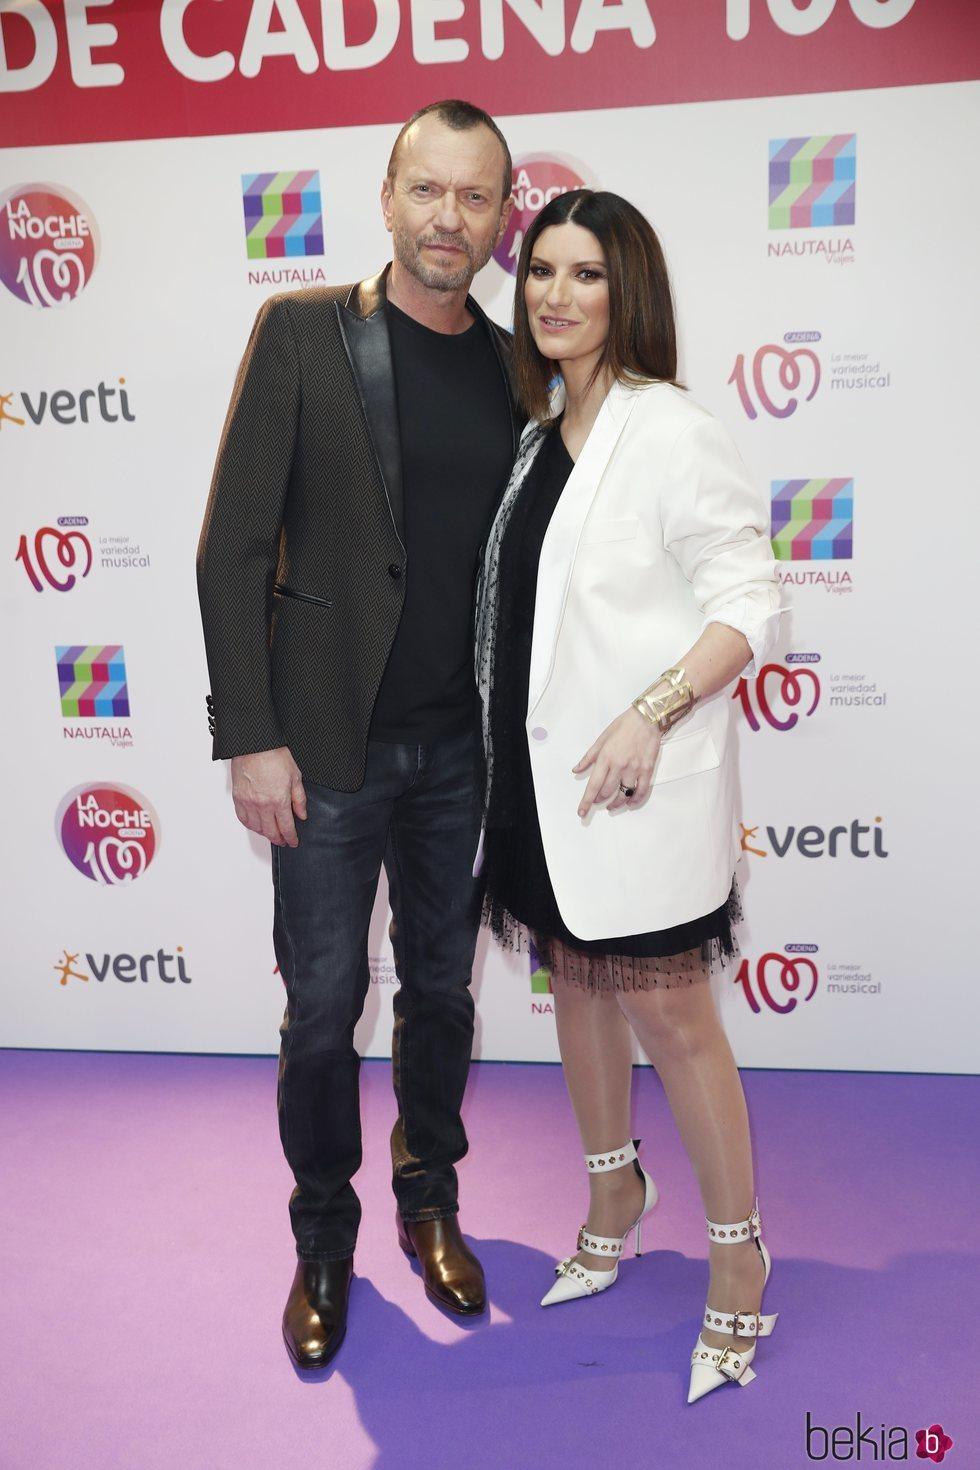 Laura Pausini y Biagio Antonacci en La Noche de Cadena 100